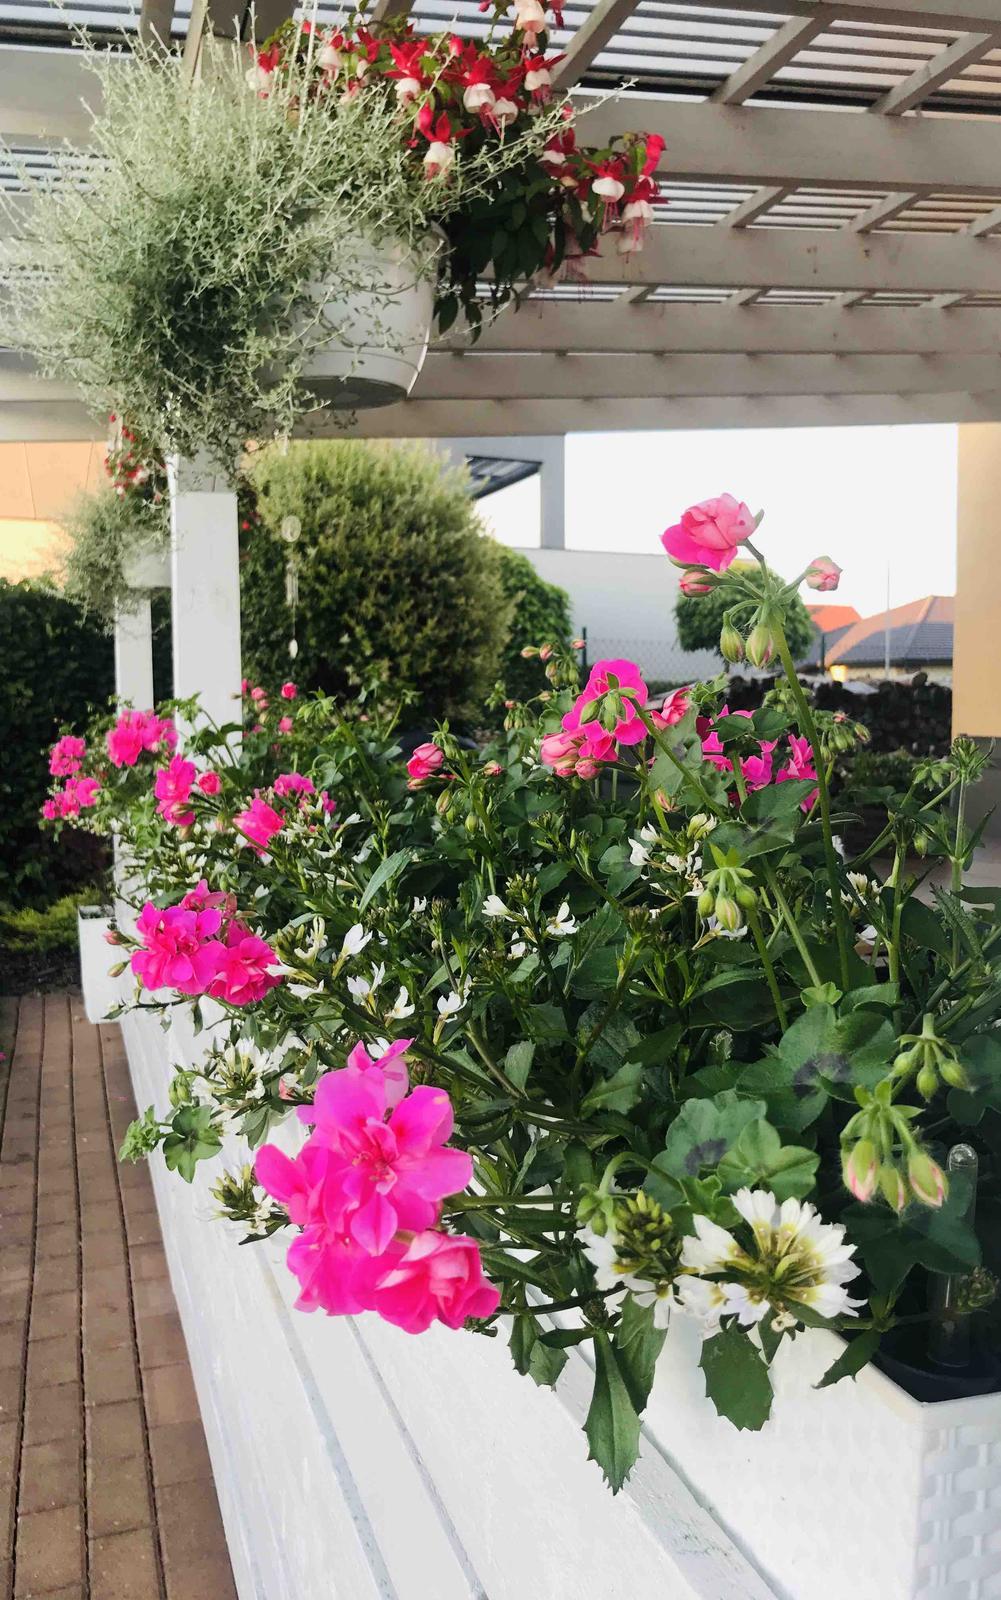 Naše barevná zahrada 🌸 - Muškáty a vějířovka 🌸 už se krásně rozrůstají